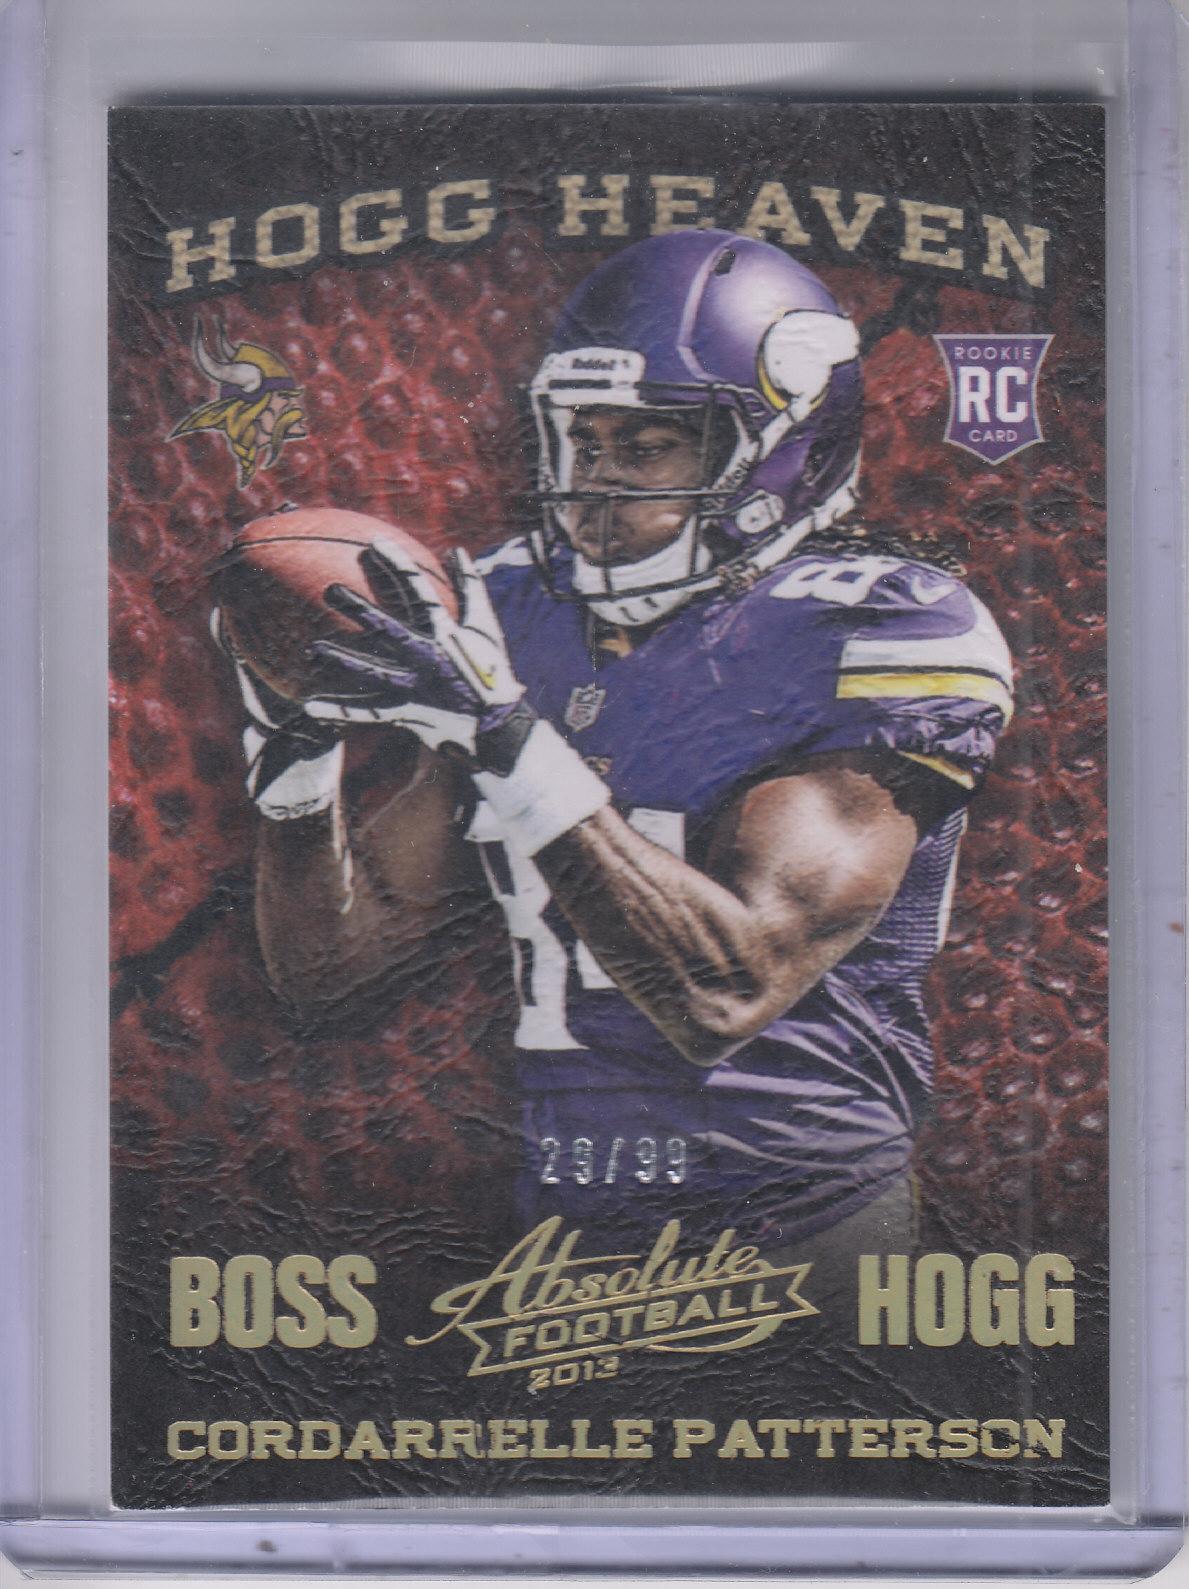 2013 Absolute Hogg Heaven Boss Hogg #61 Cordarrelle Patterson